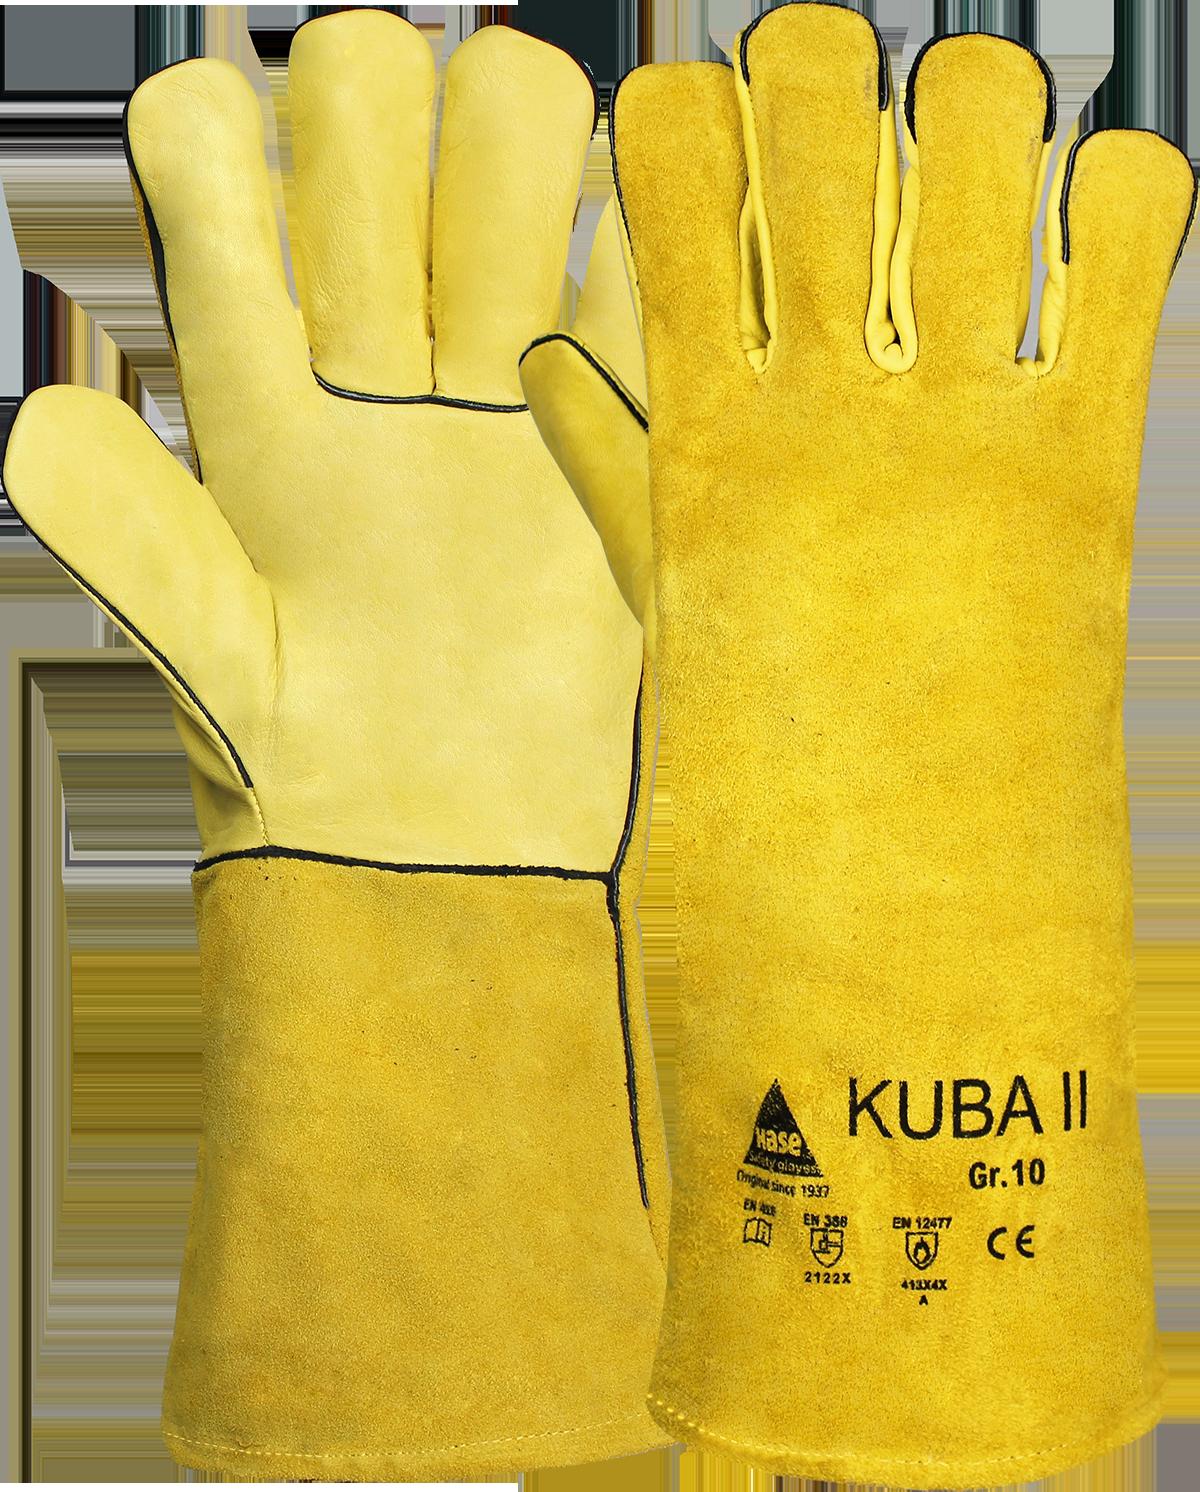 KUBA II, Schweißerhandschuh aus Rindleder, Größe 10